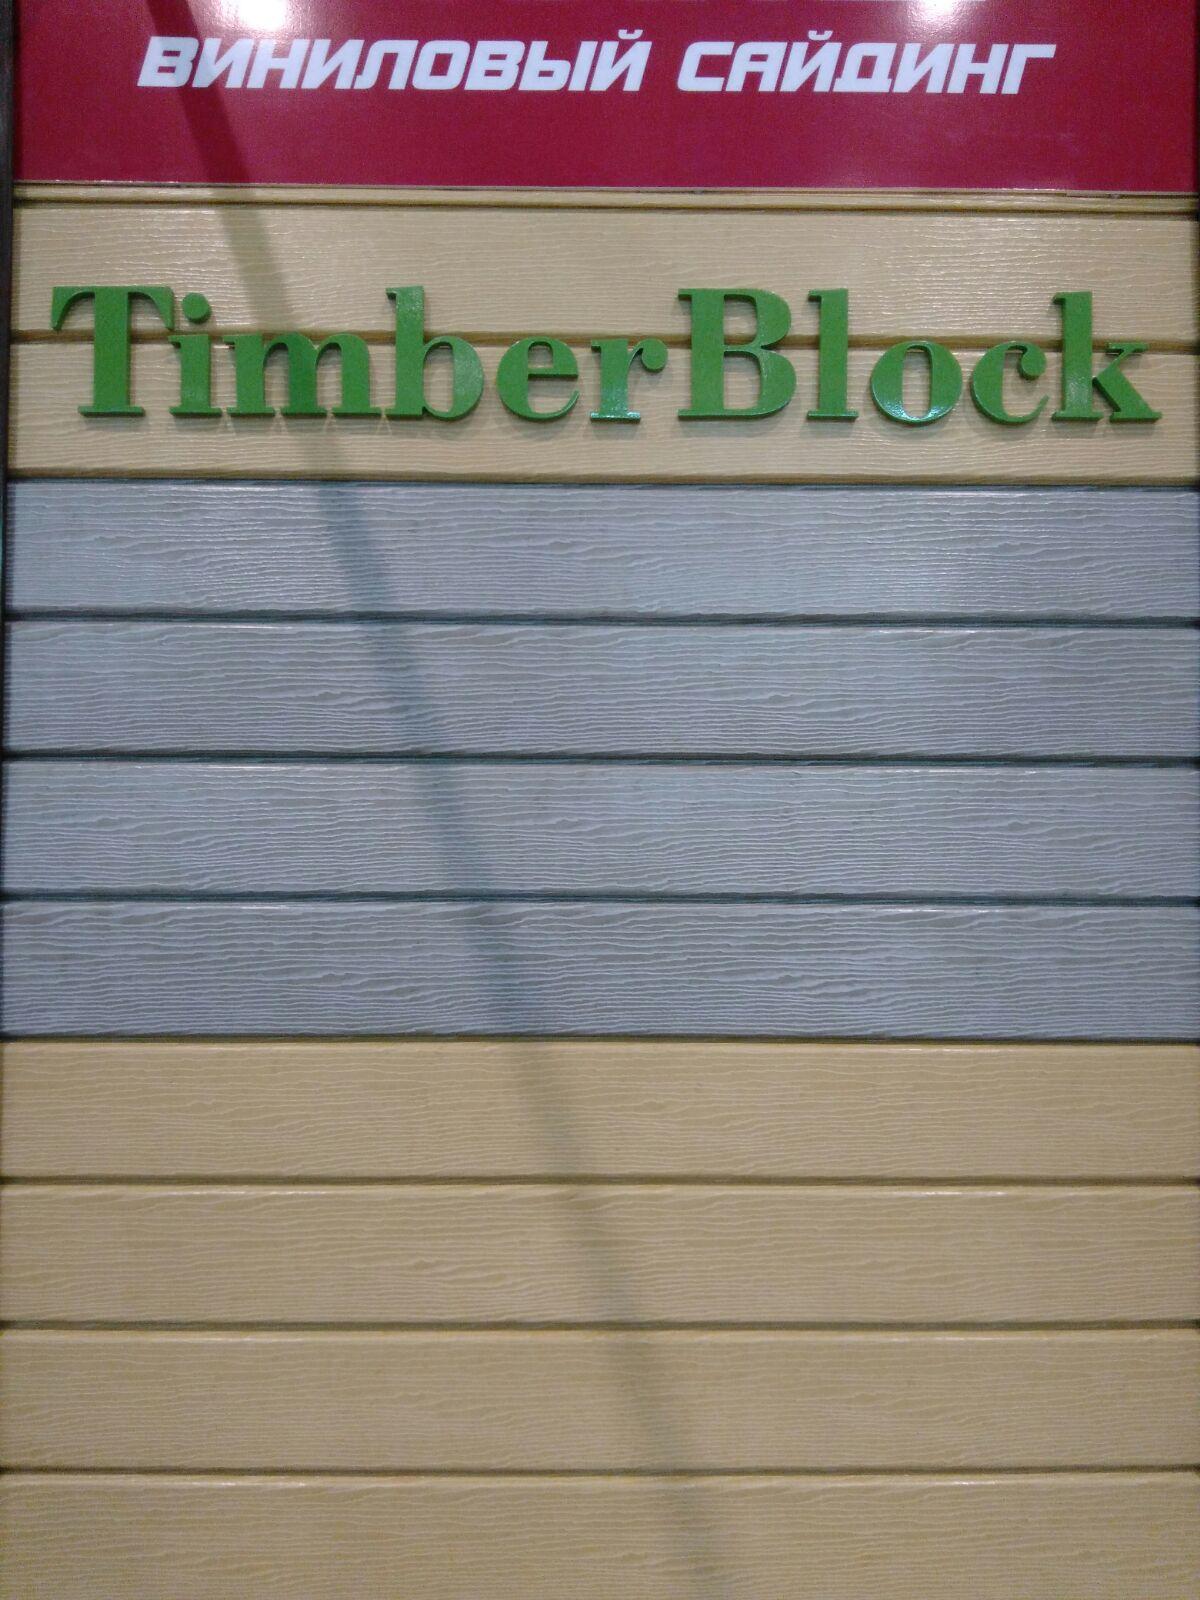 Тимберблок